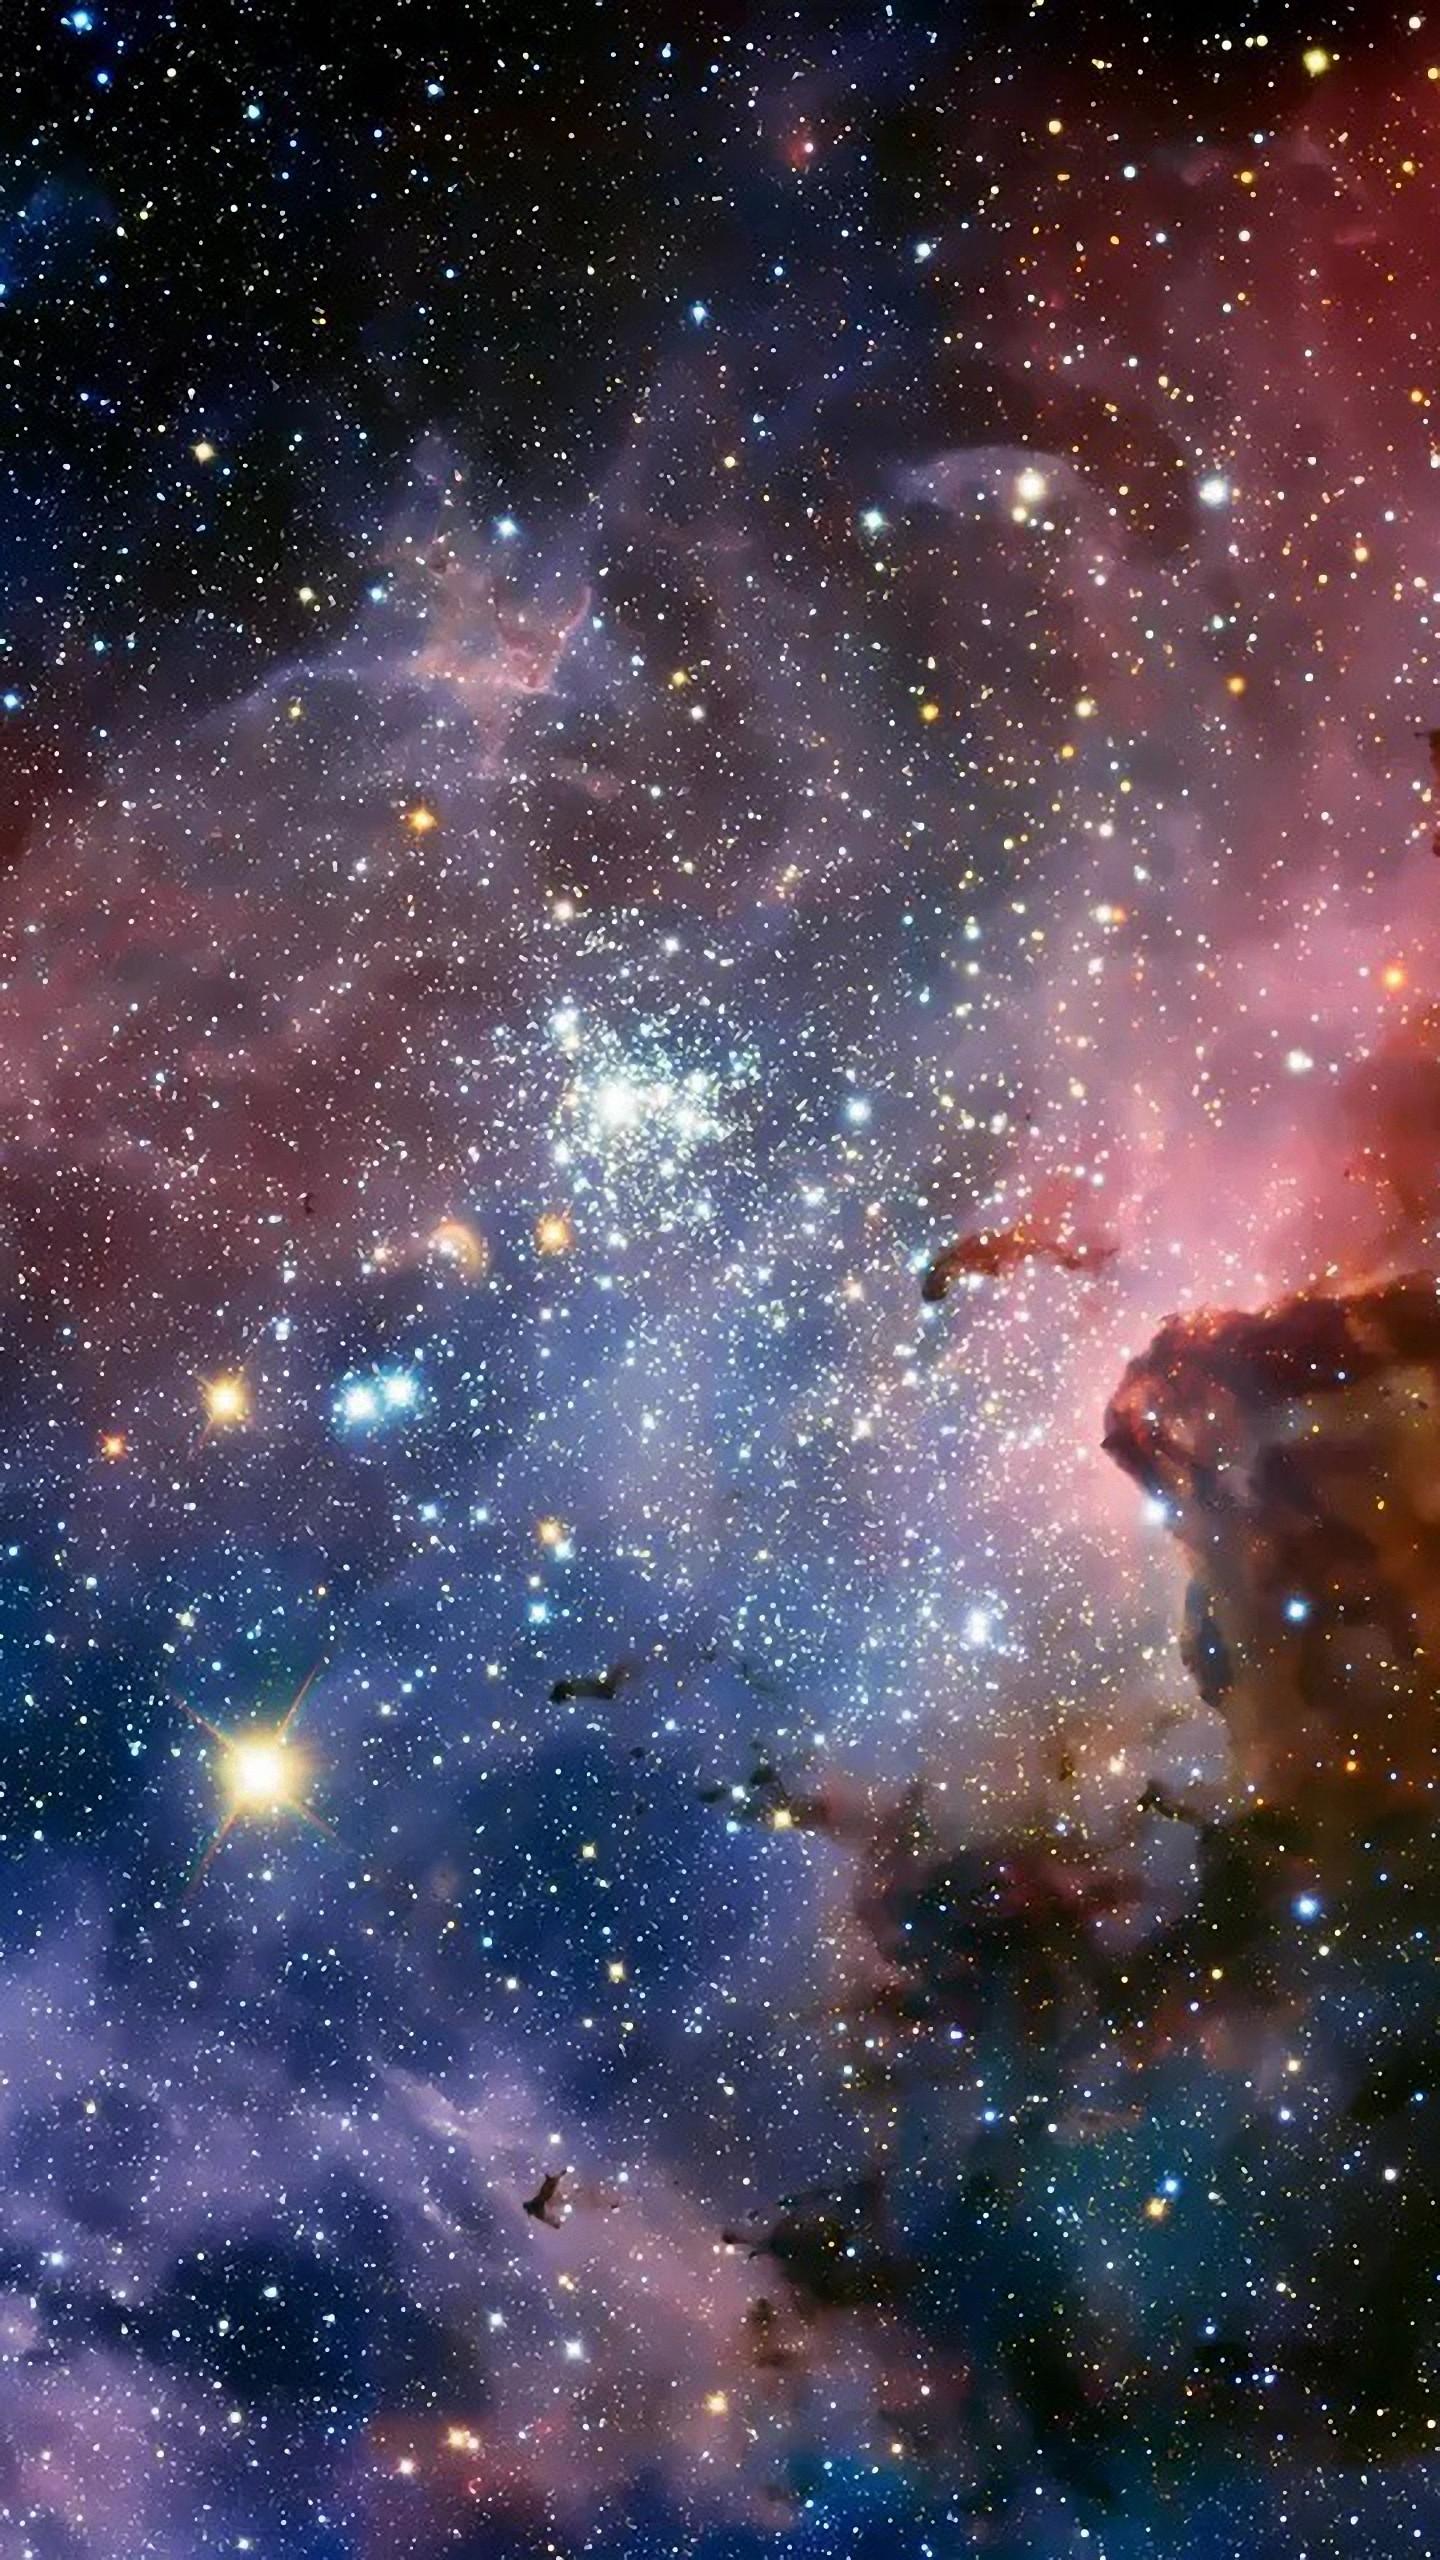 Hubble telescope wallpaper desktop 59 images - Hubble space images wallpaper ...